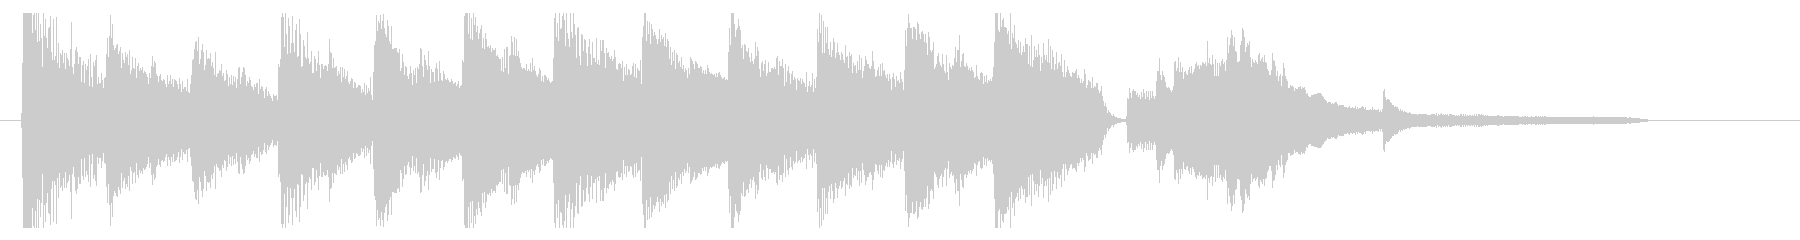 ピアノのジングル おとなしめの未再生の波形